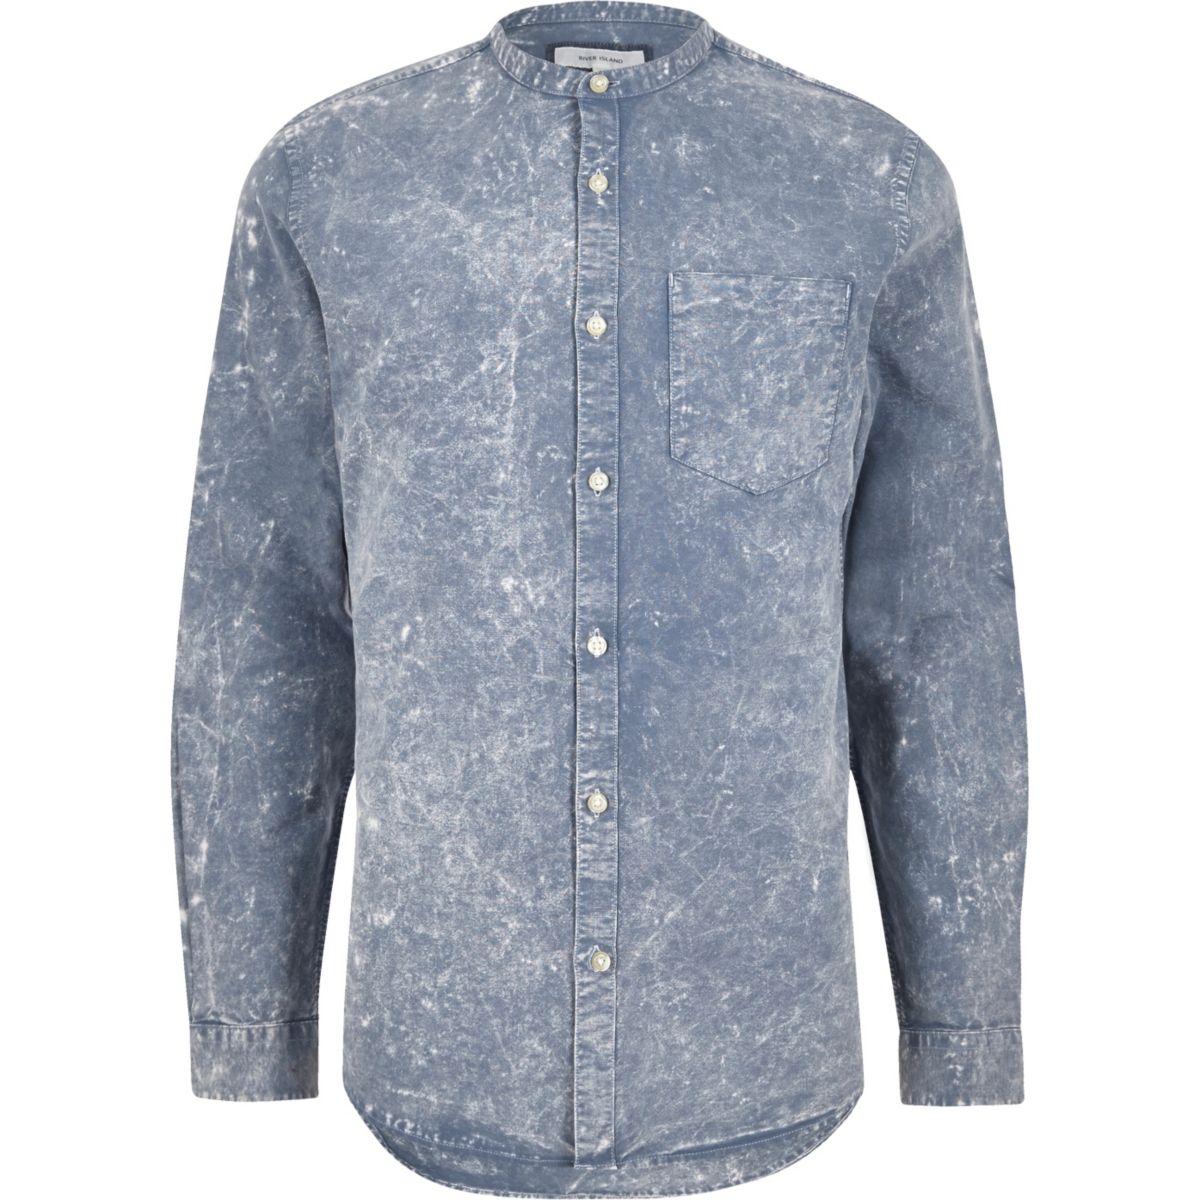 Blue acid wash Oxford grandad shirt